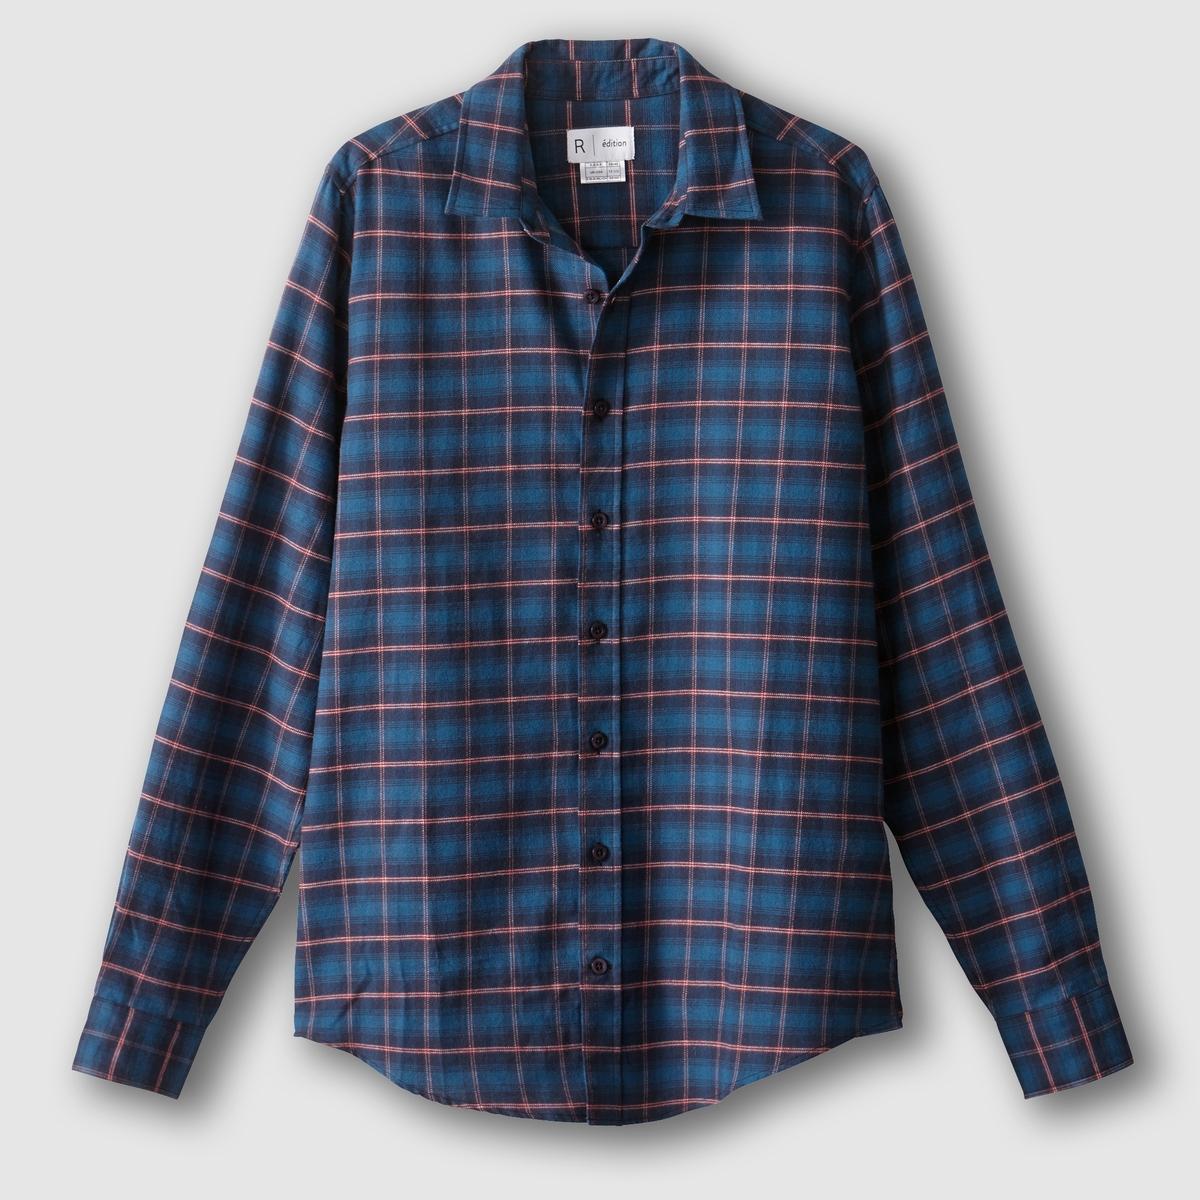 Рубашка прямого покроя с длинными рукавами, 100% хлопок